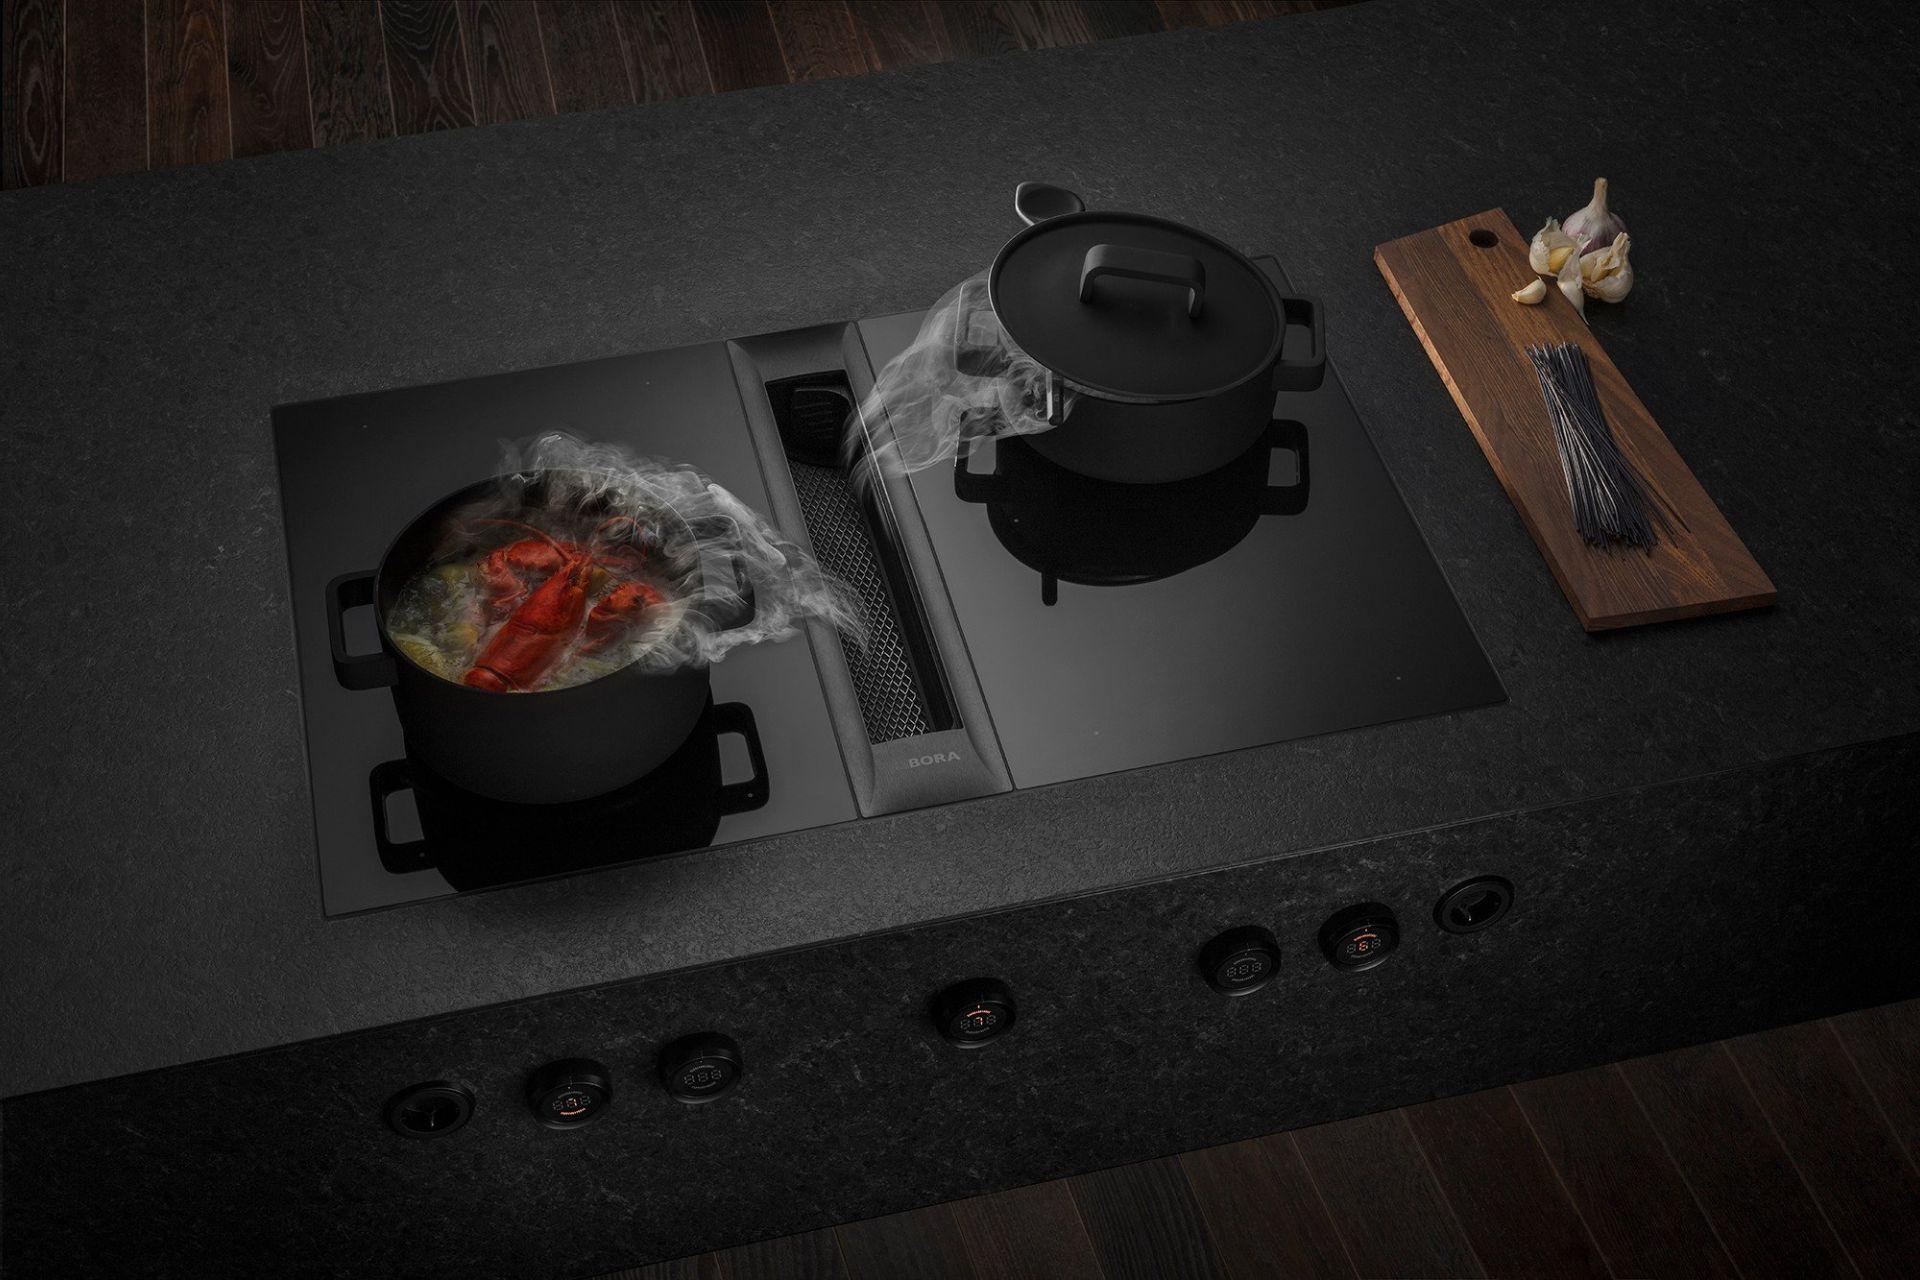 Zwarte bora professional kookplaat 02